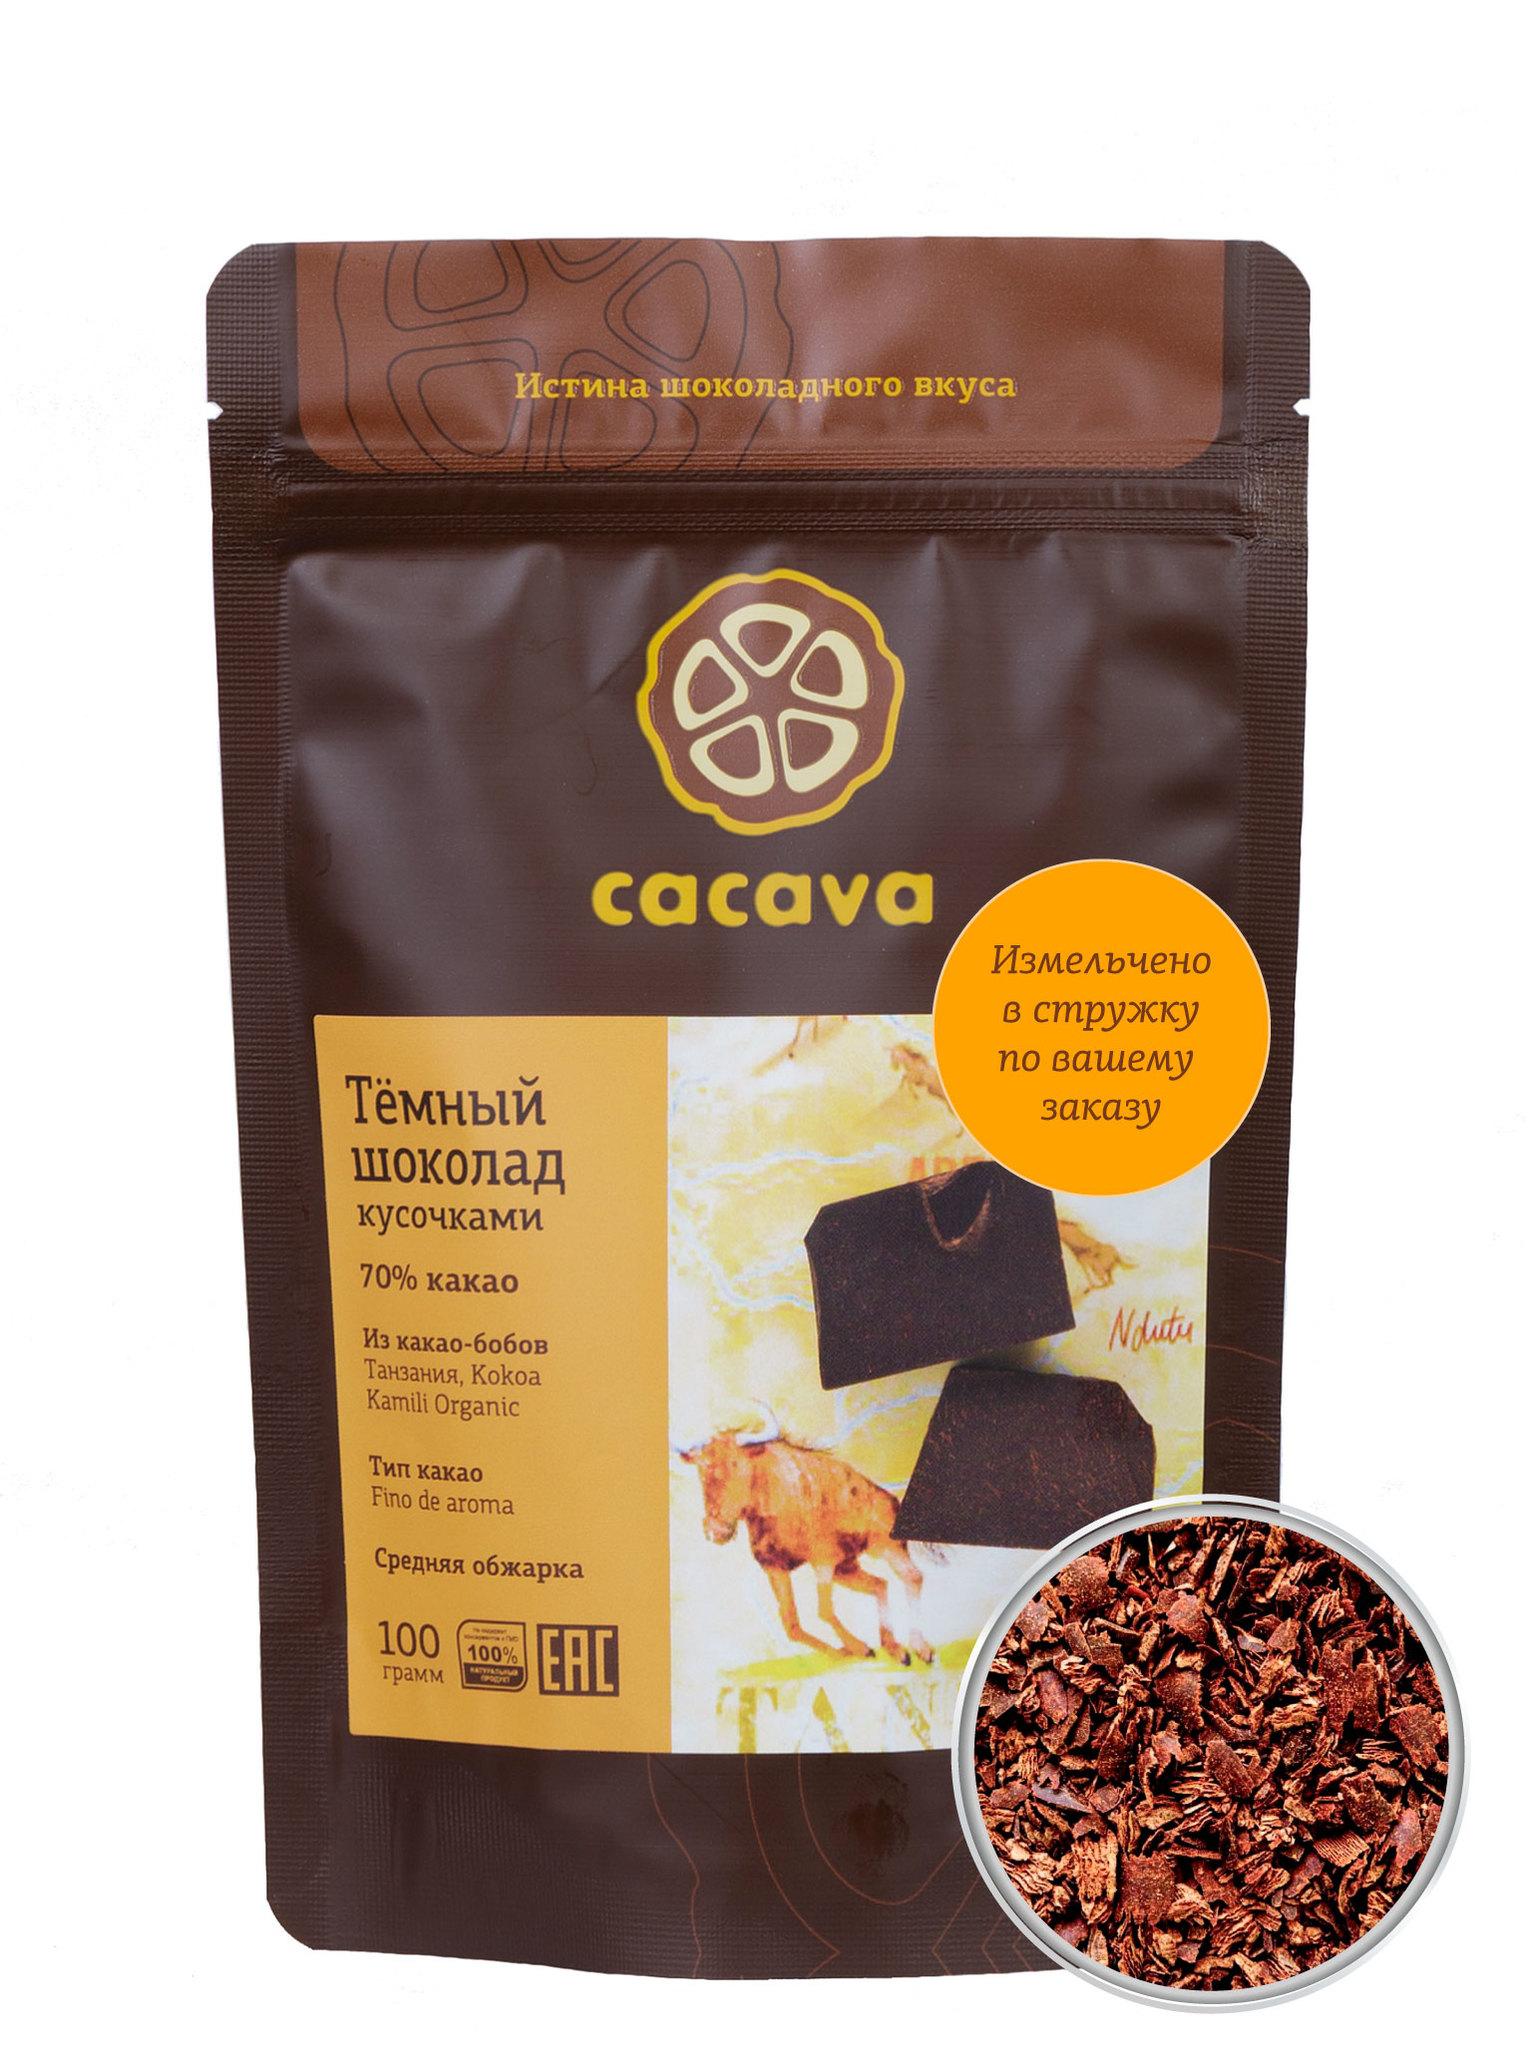 Тёмный шоколад 70 % какао в стружке (Танзания, Kokoa Kamili), упаковка 100 грамм